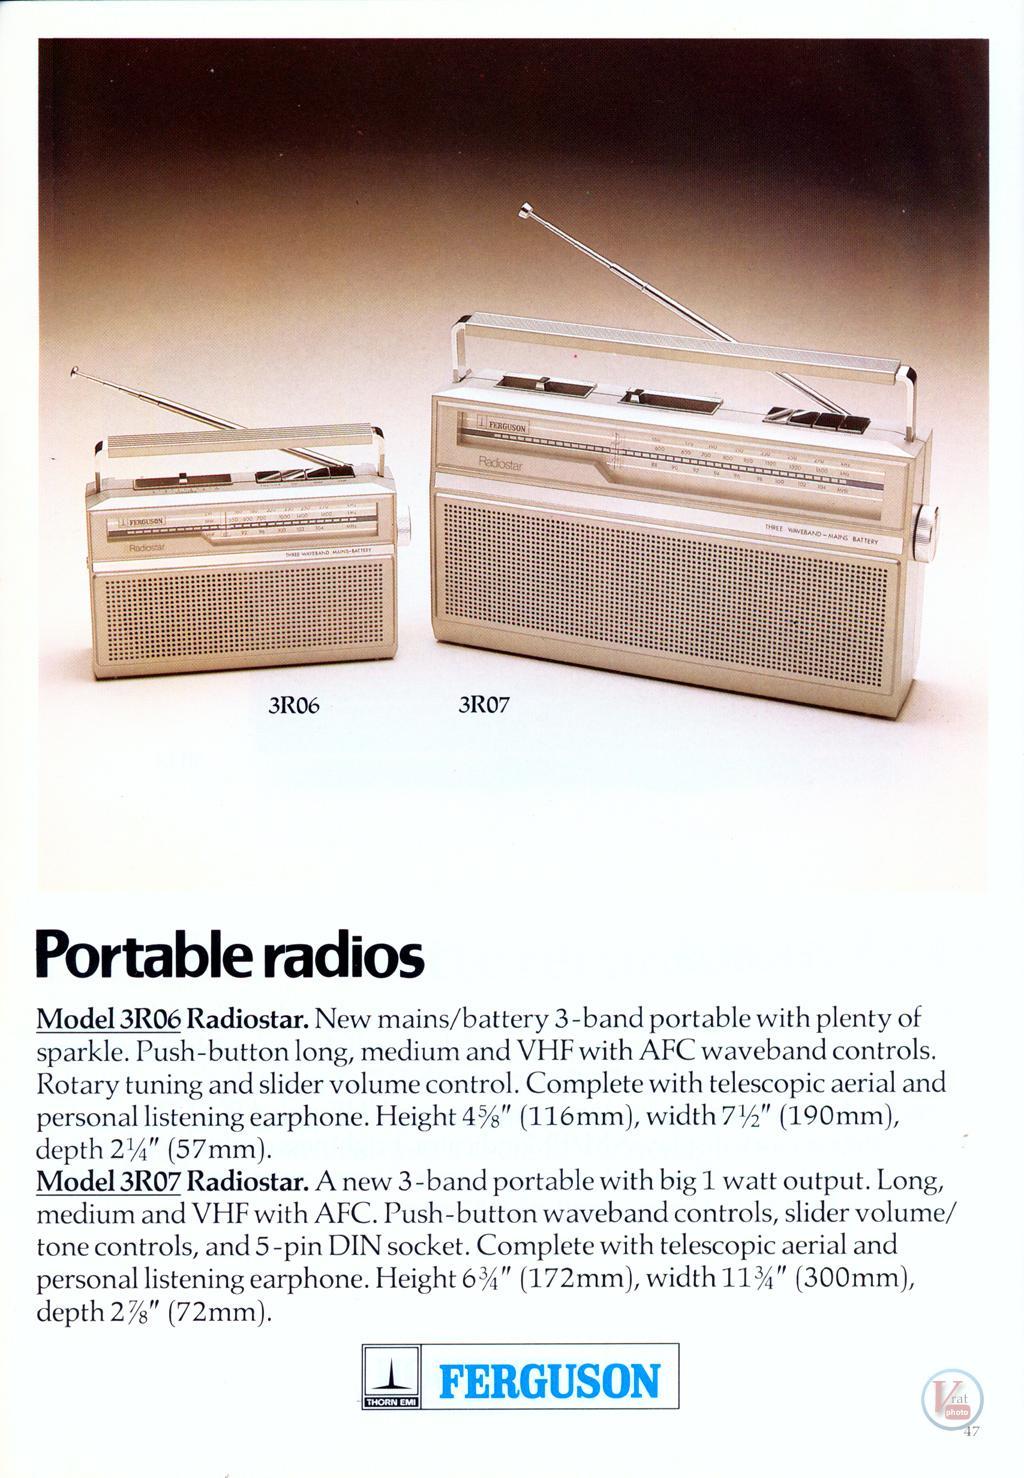 Ferguson Radio 15